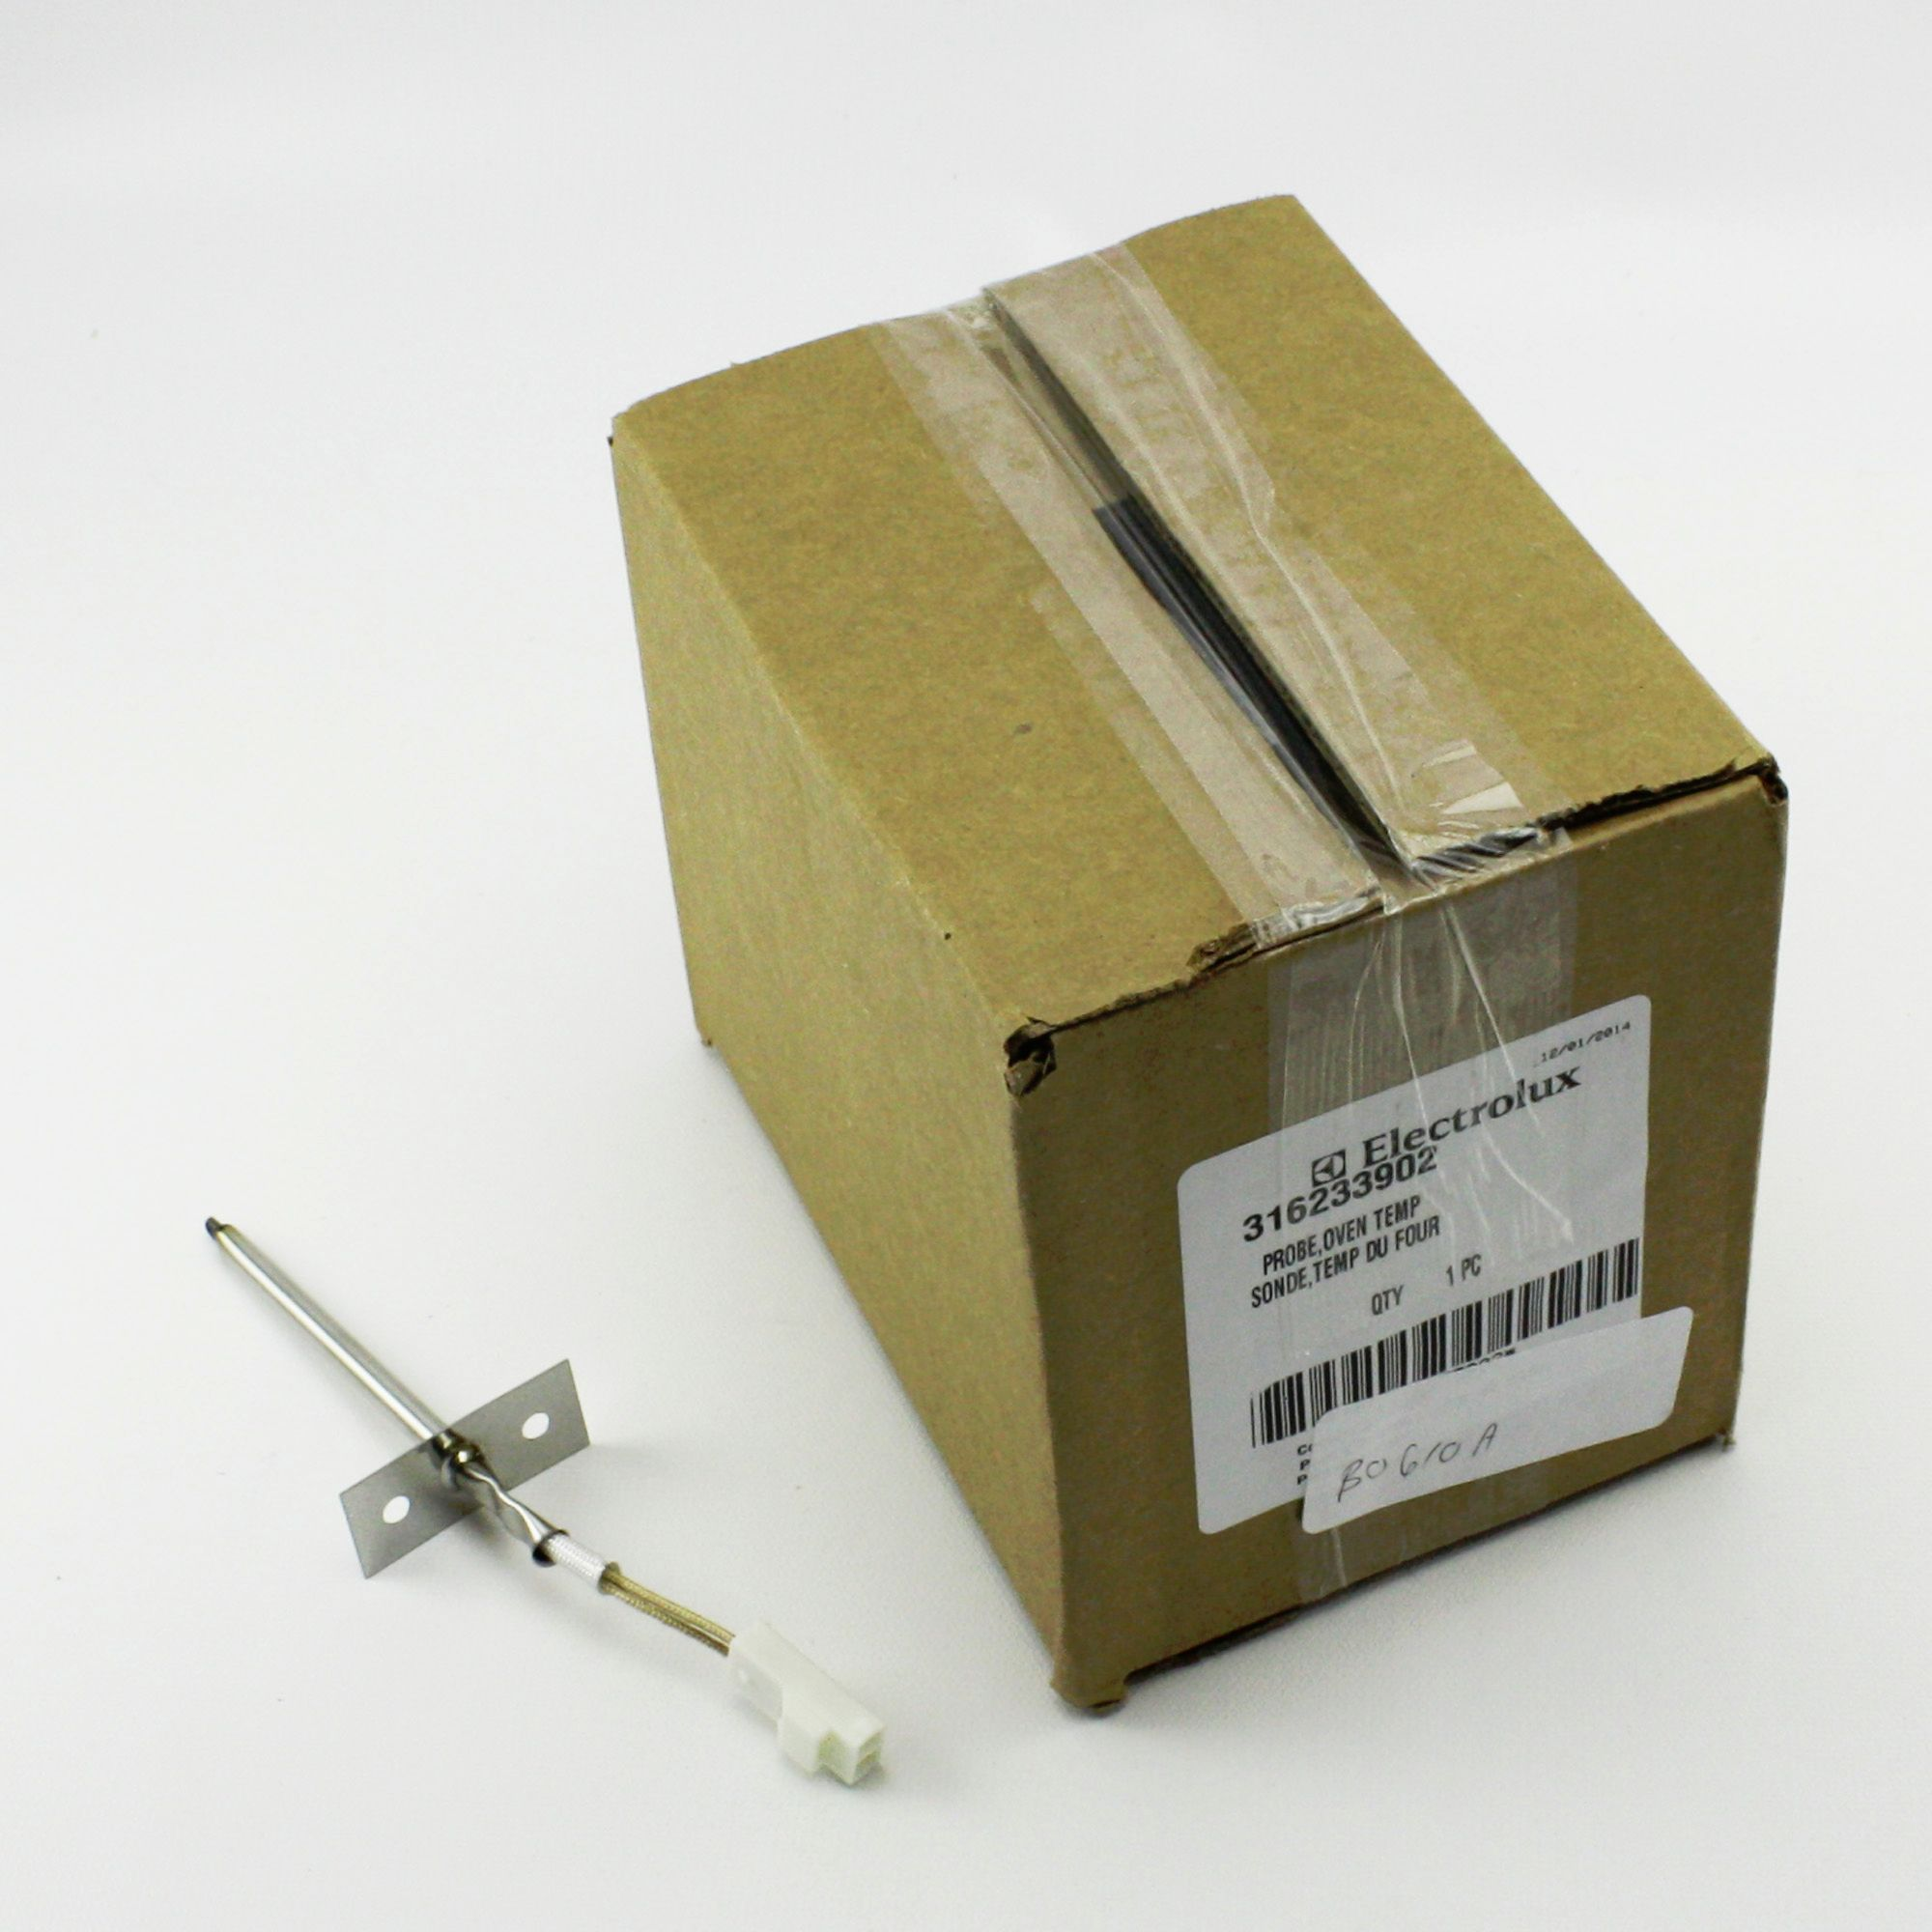 316233903 for frigidaire range oven temperature sensor ebay. Black Bedroom Furniture Sets. Home Design Ideas